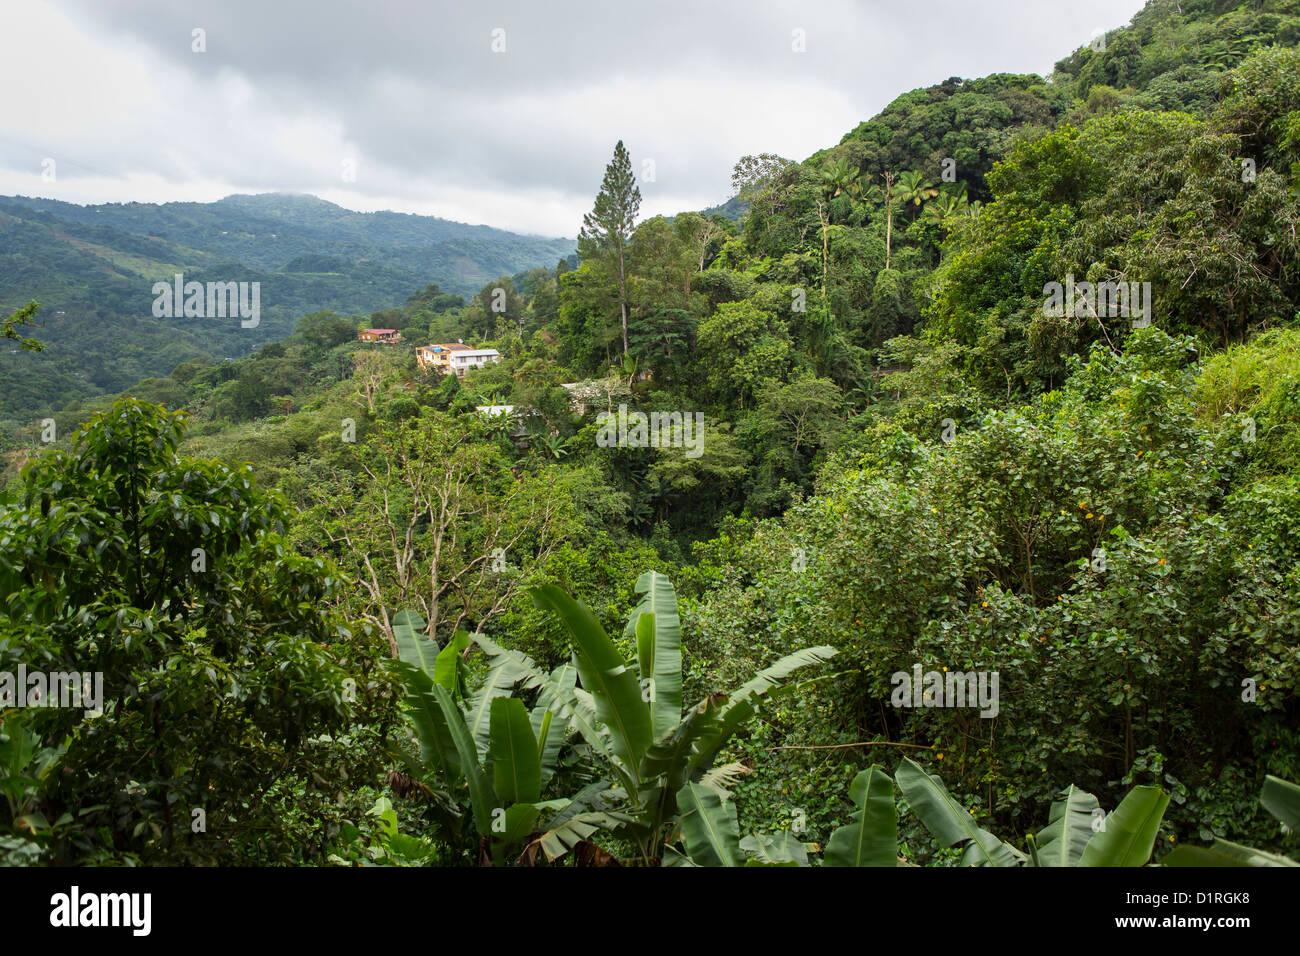 ADJUNTAS, PUERTO RICO - Case in montagna. Immagini Stock